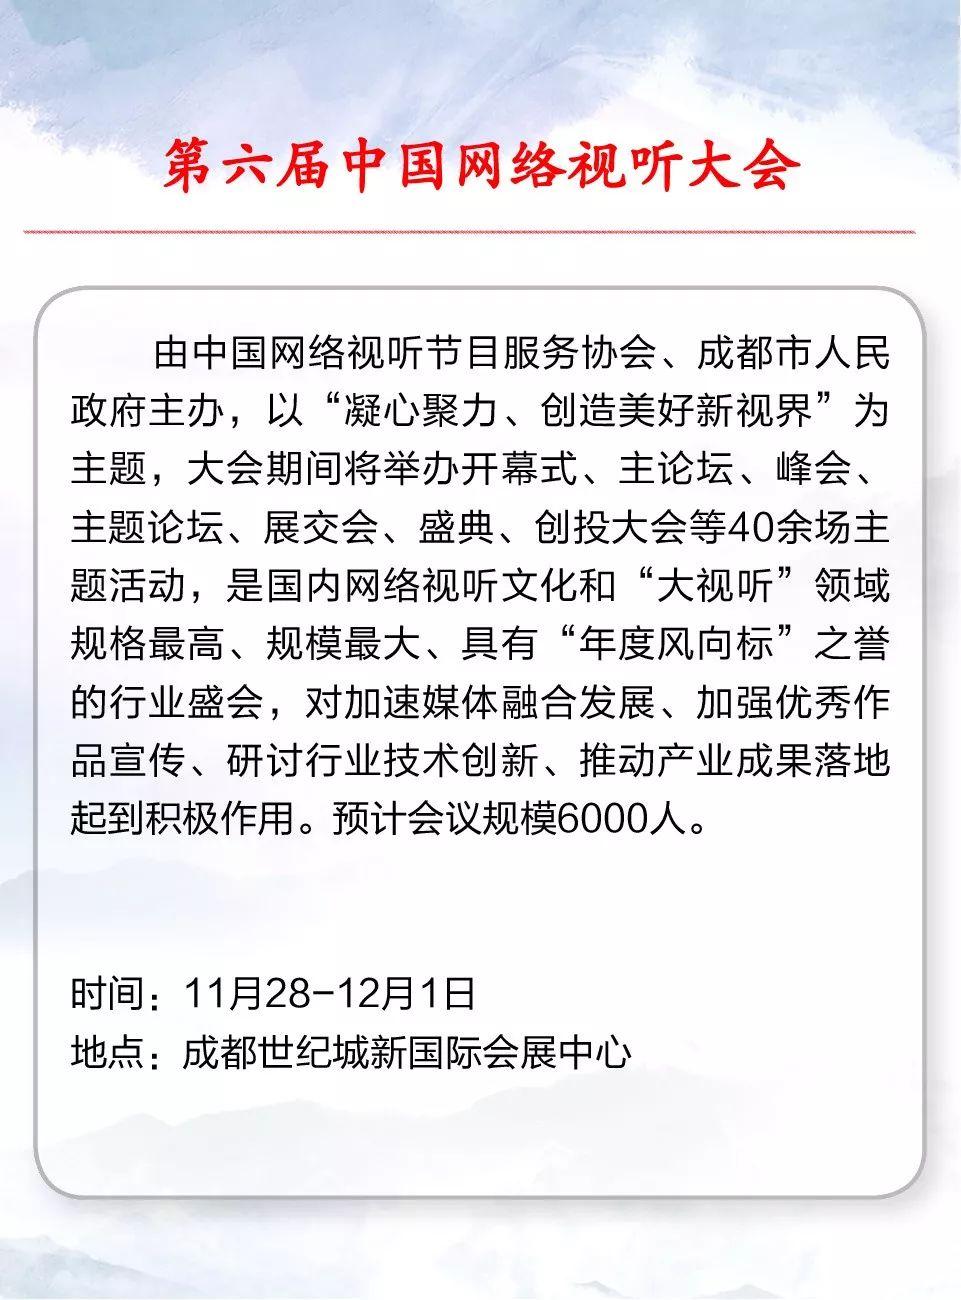 2018年12月成都家纺周、新春欢乐购等展会将举办